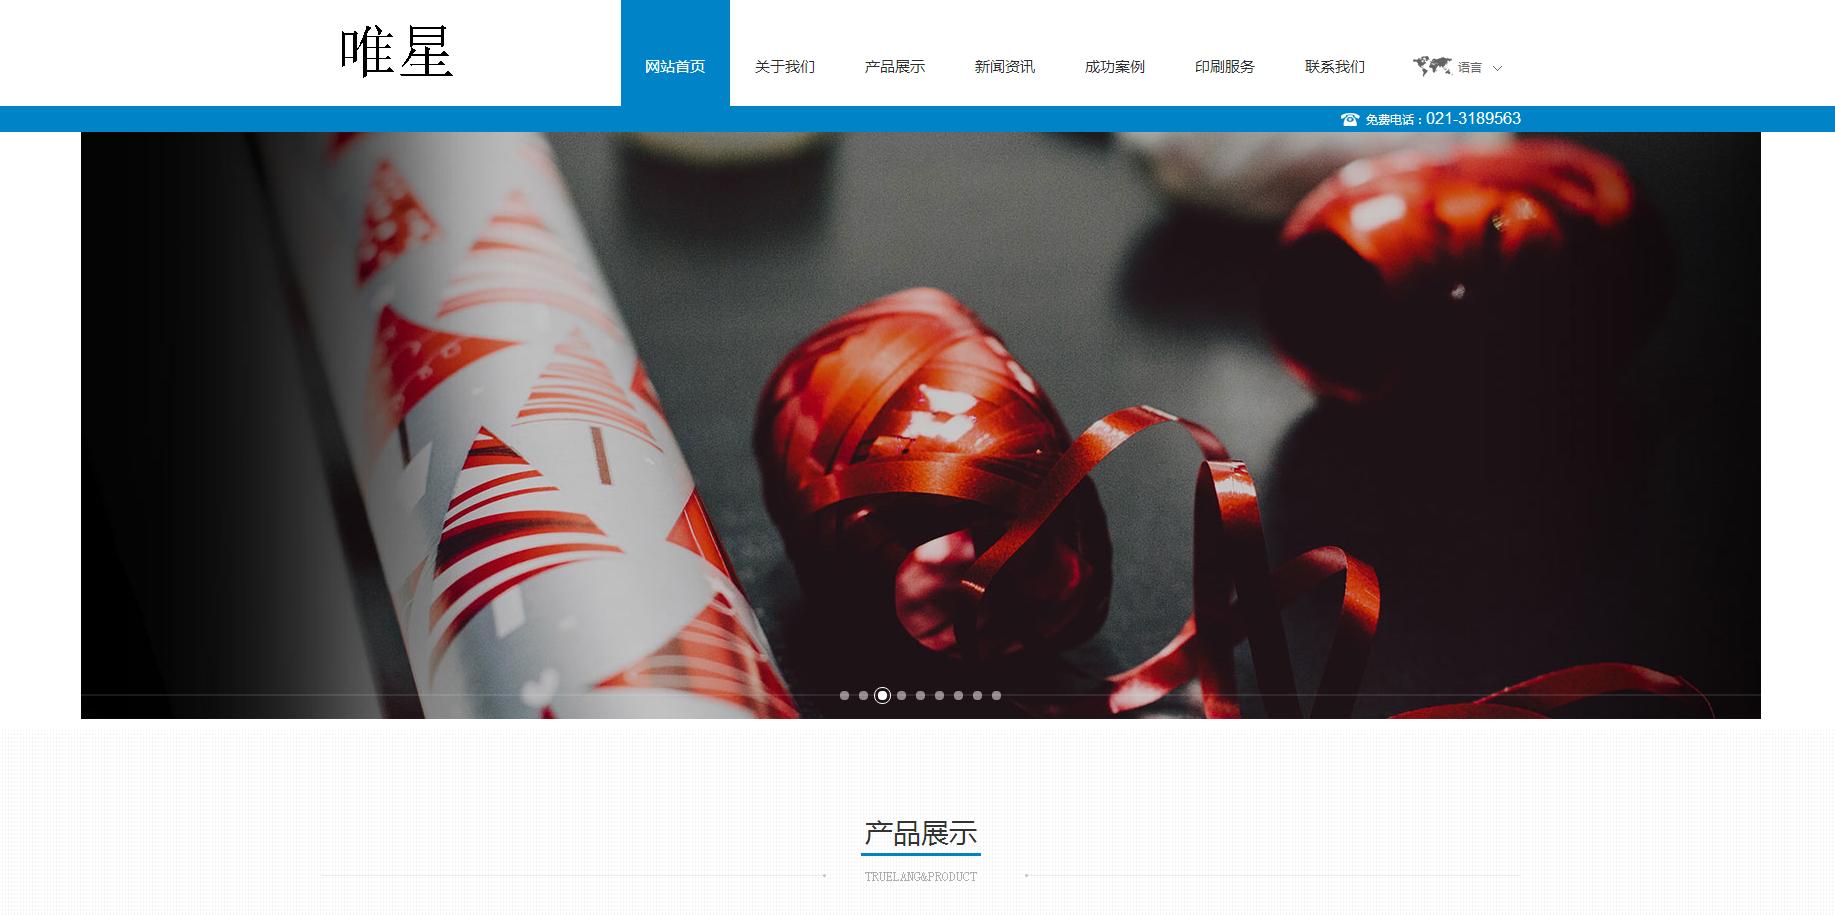 响应式印刷包装设计公司网站模板整站下载